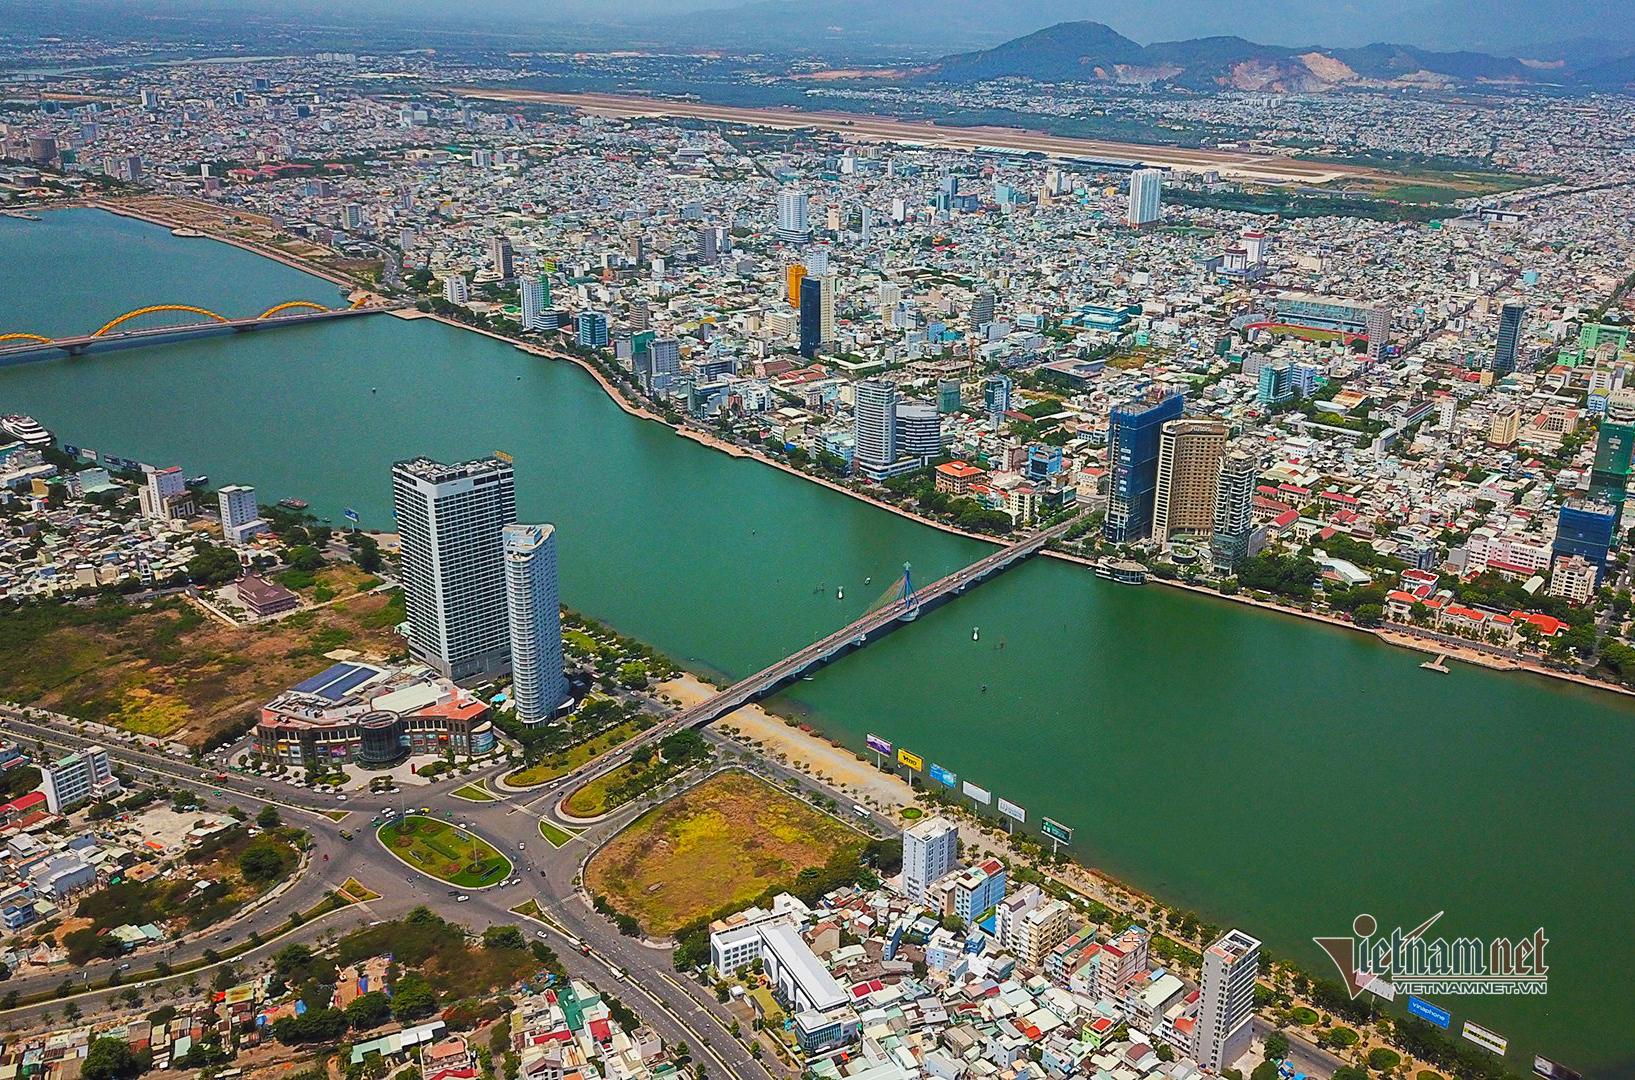 Chuyển đổi số để đưa Đà Nẵng trở thành đô thị sinh thái, thông minh